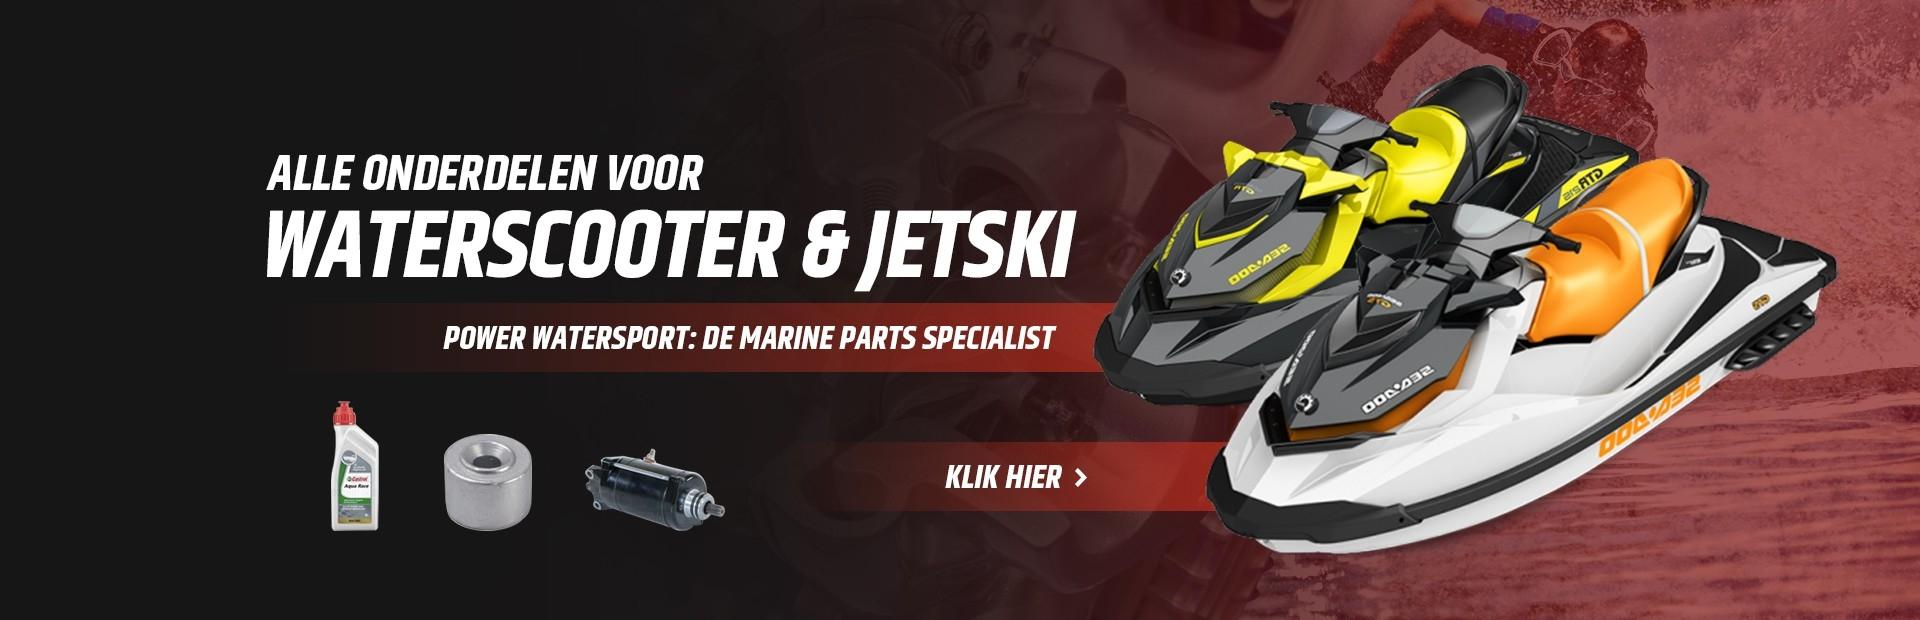 Alle onderdelen voor waterscooter & jetski